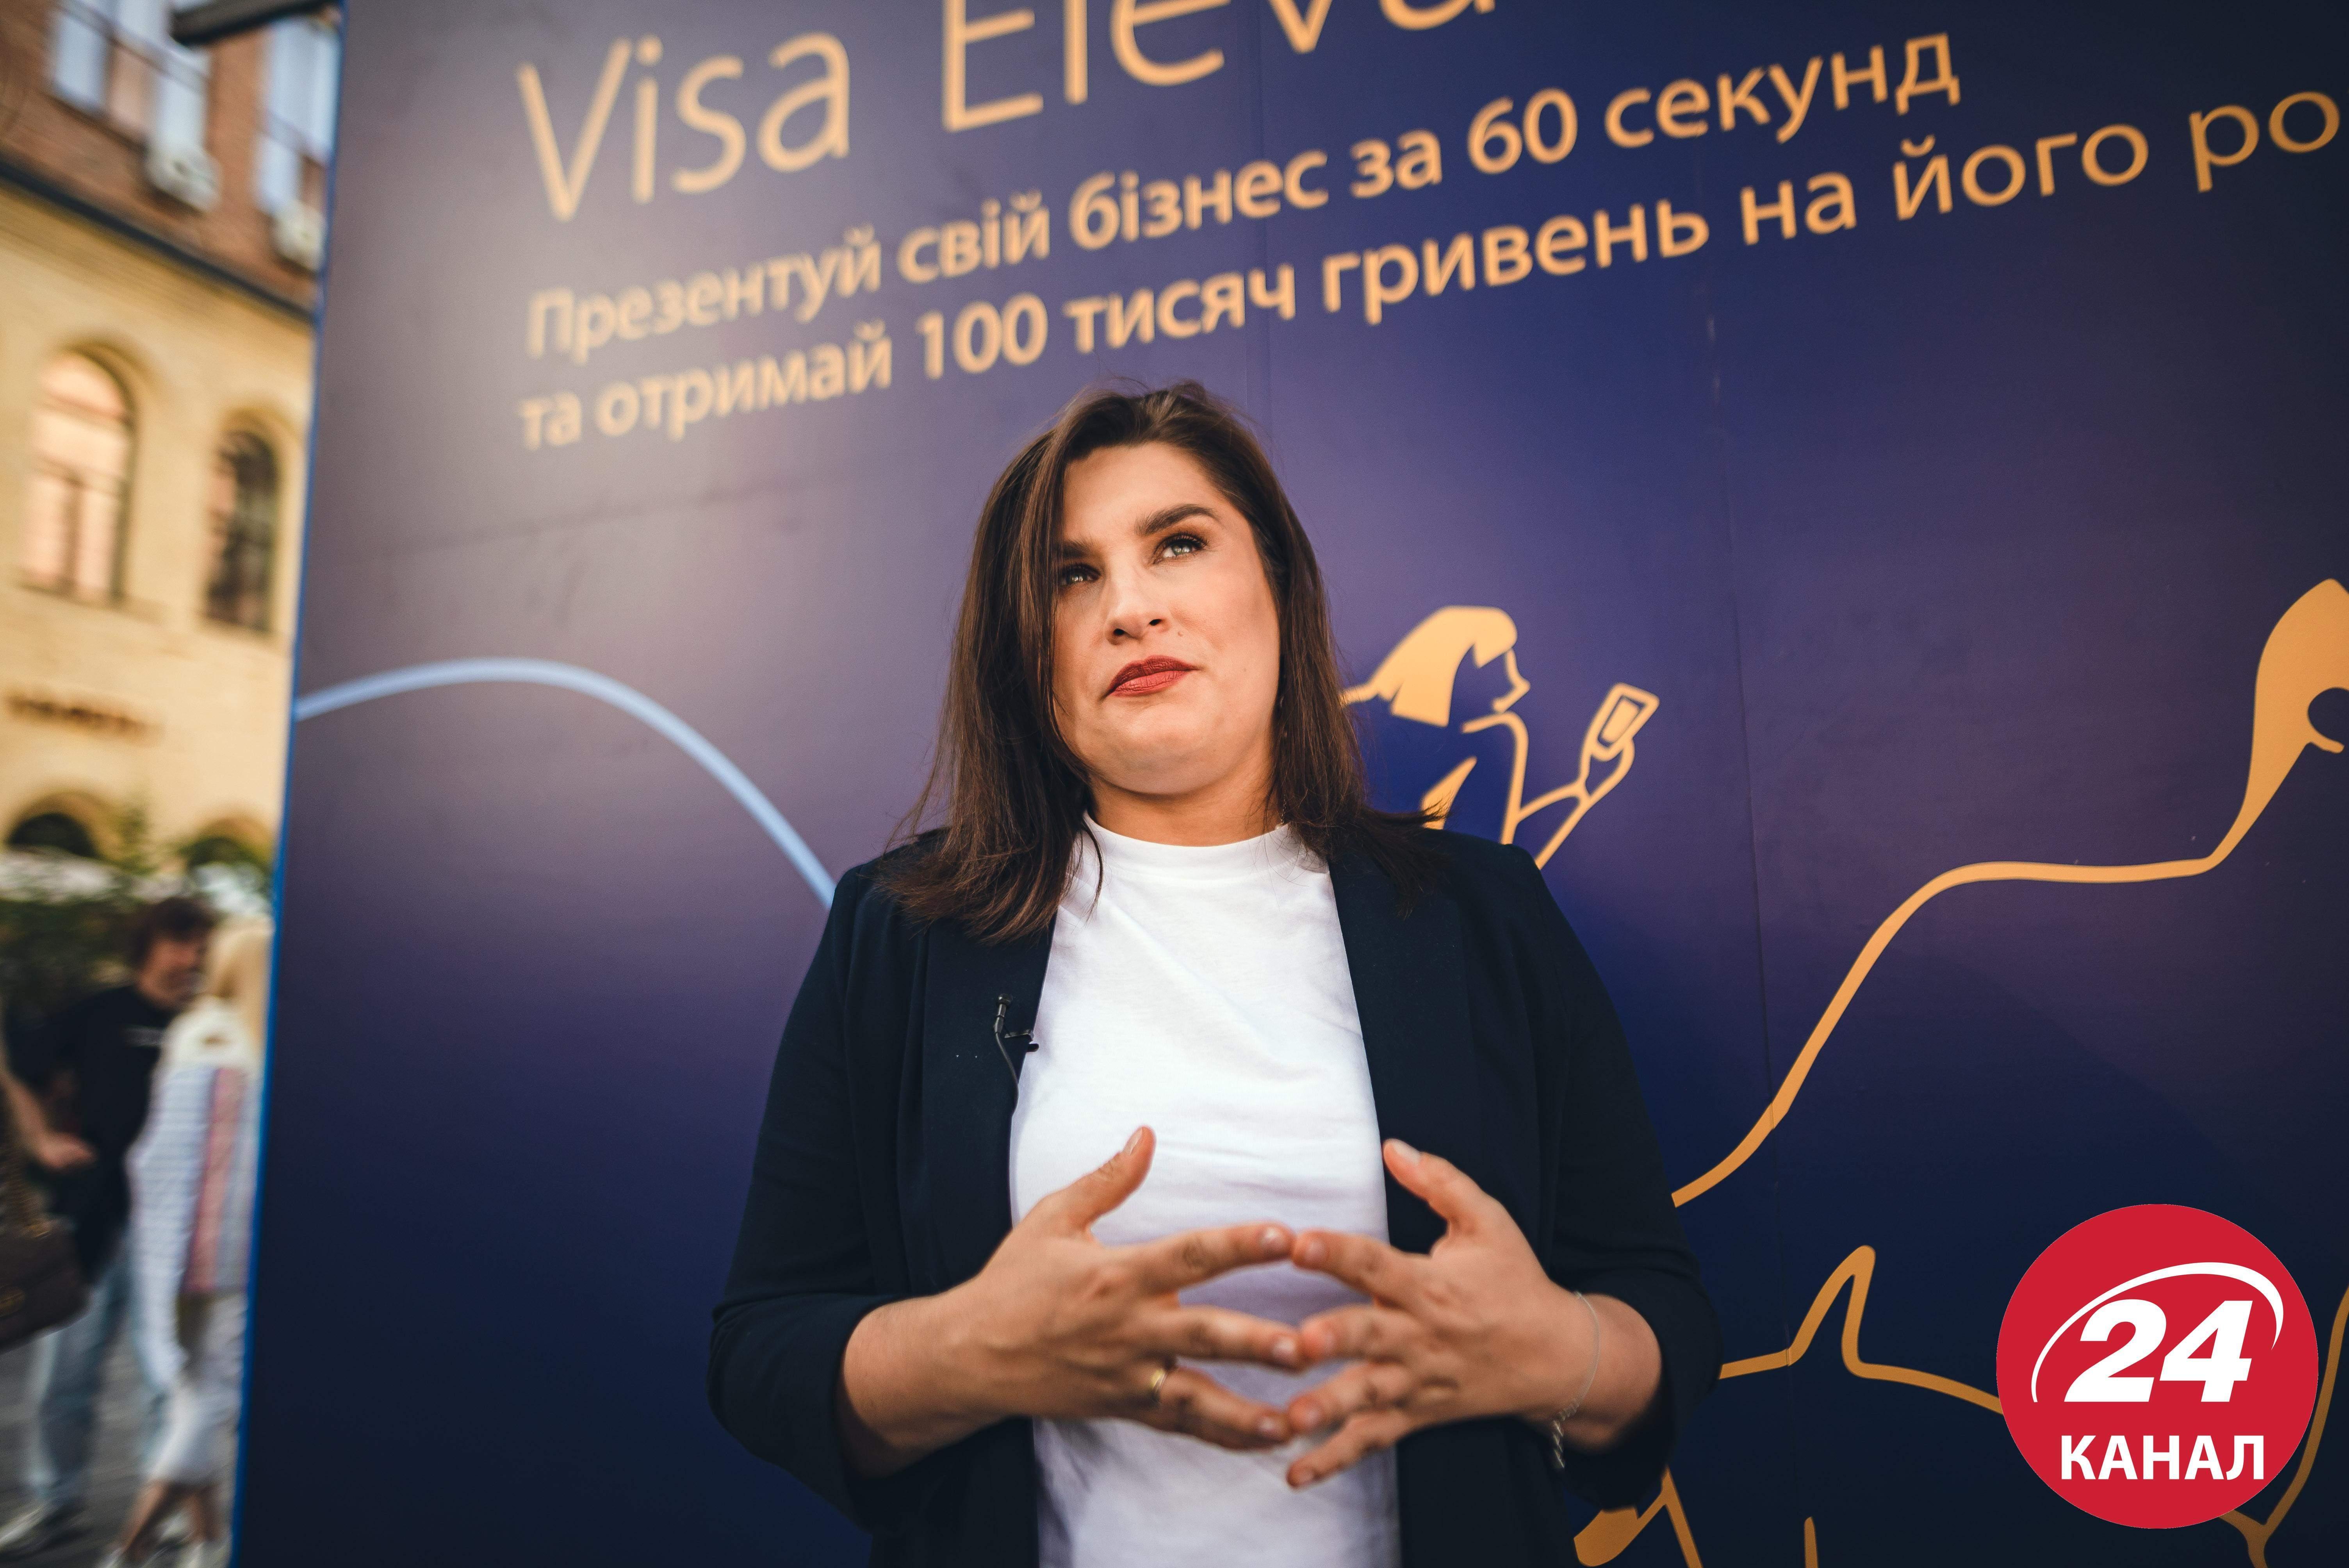 Бізнес, ідея, стартап, інновація, ФОП, новини Києва